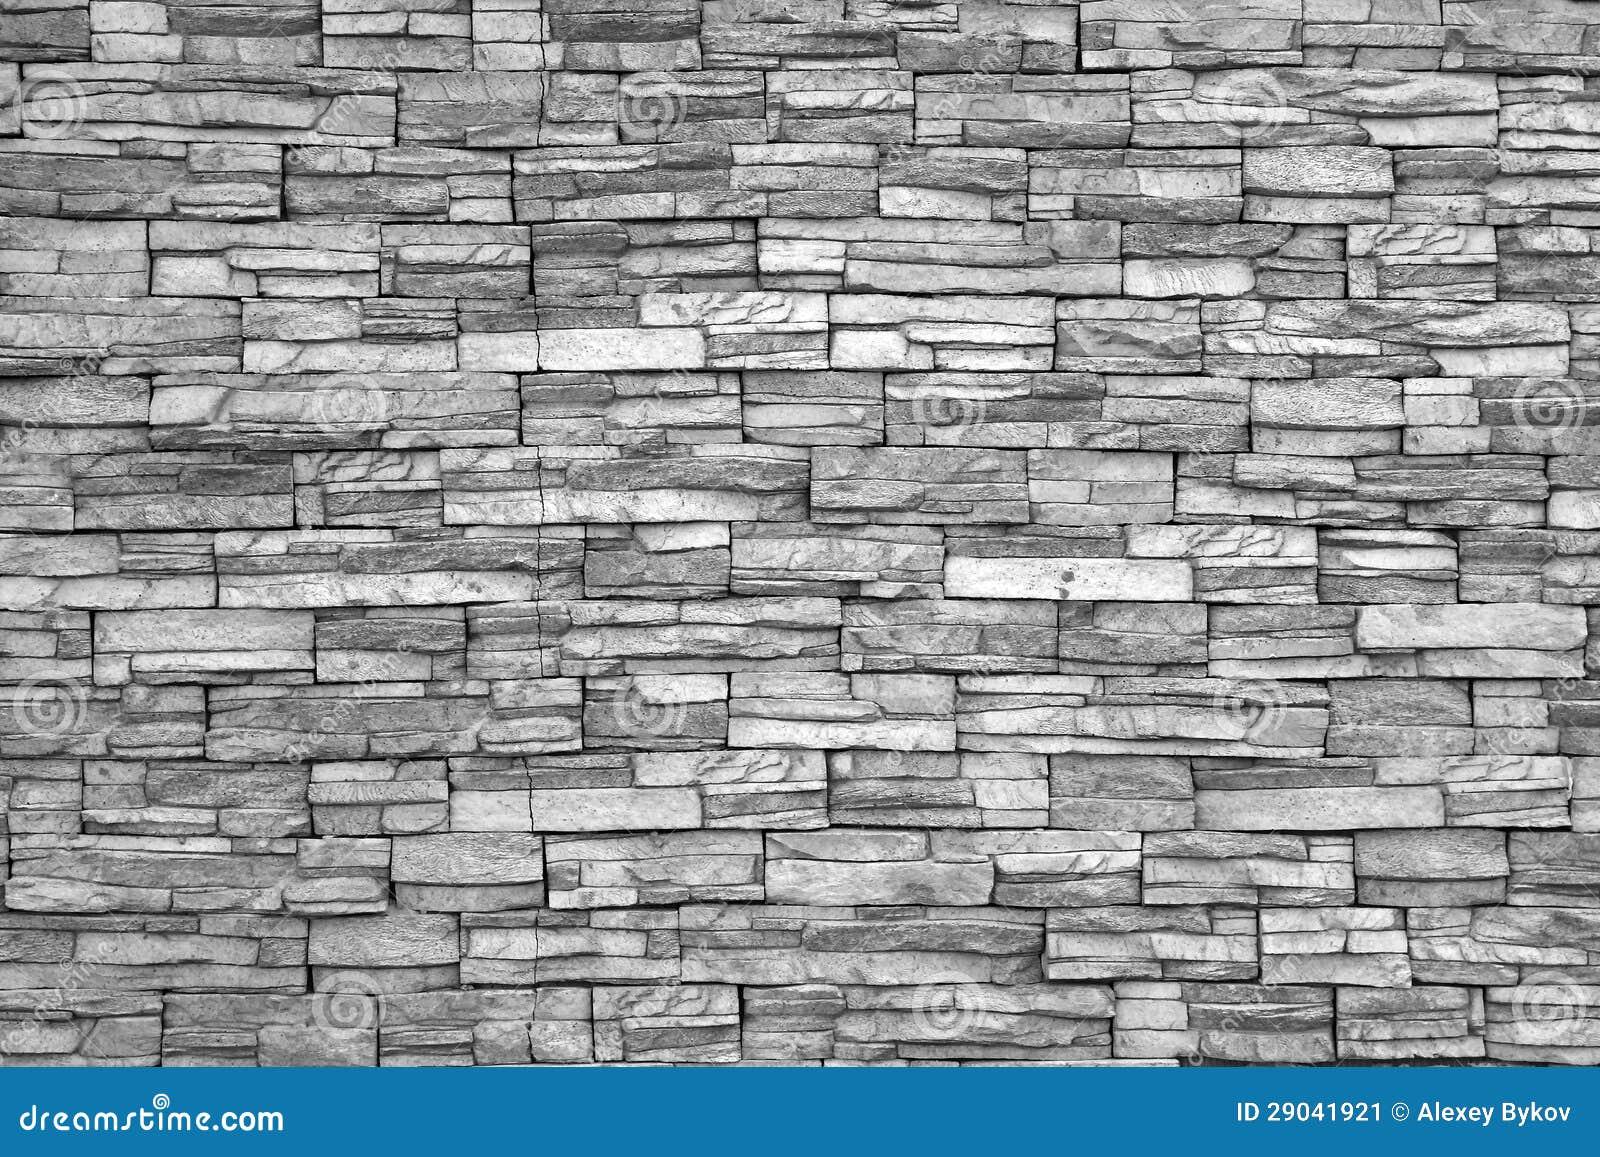 Muro Di Mattoni Moderno (foto In Bianco E Nero). Muro Di Mattoni Come Fondo. Immagine Stock ...